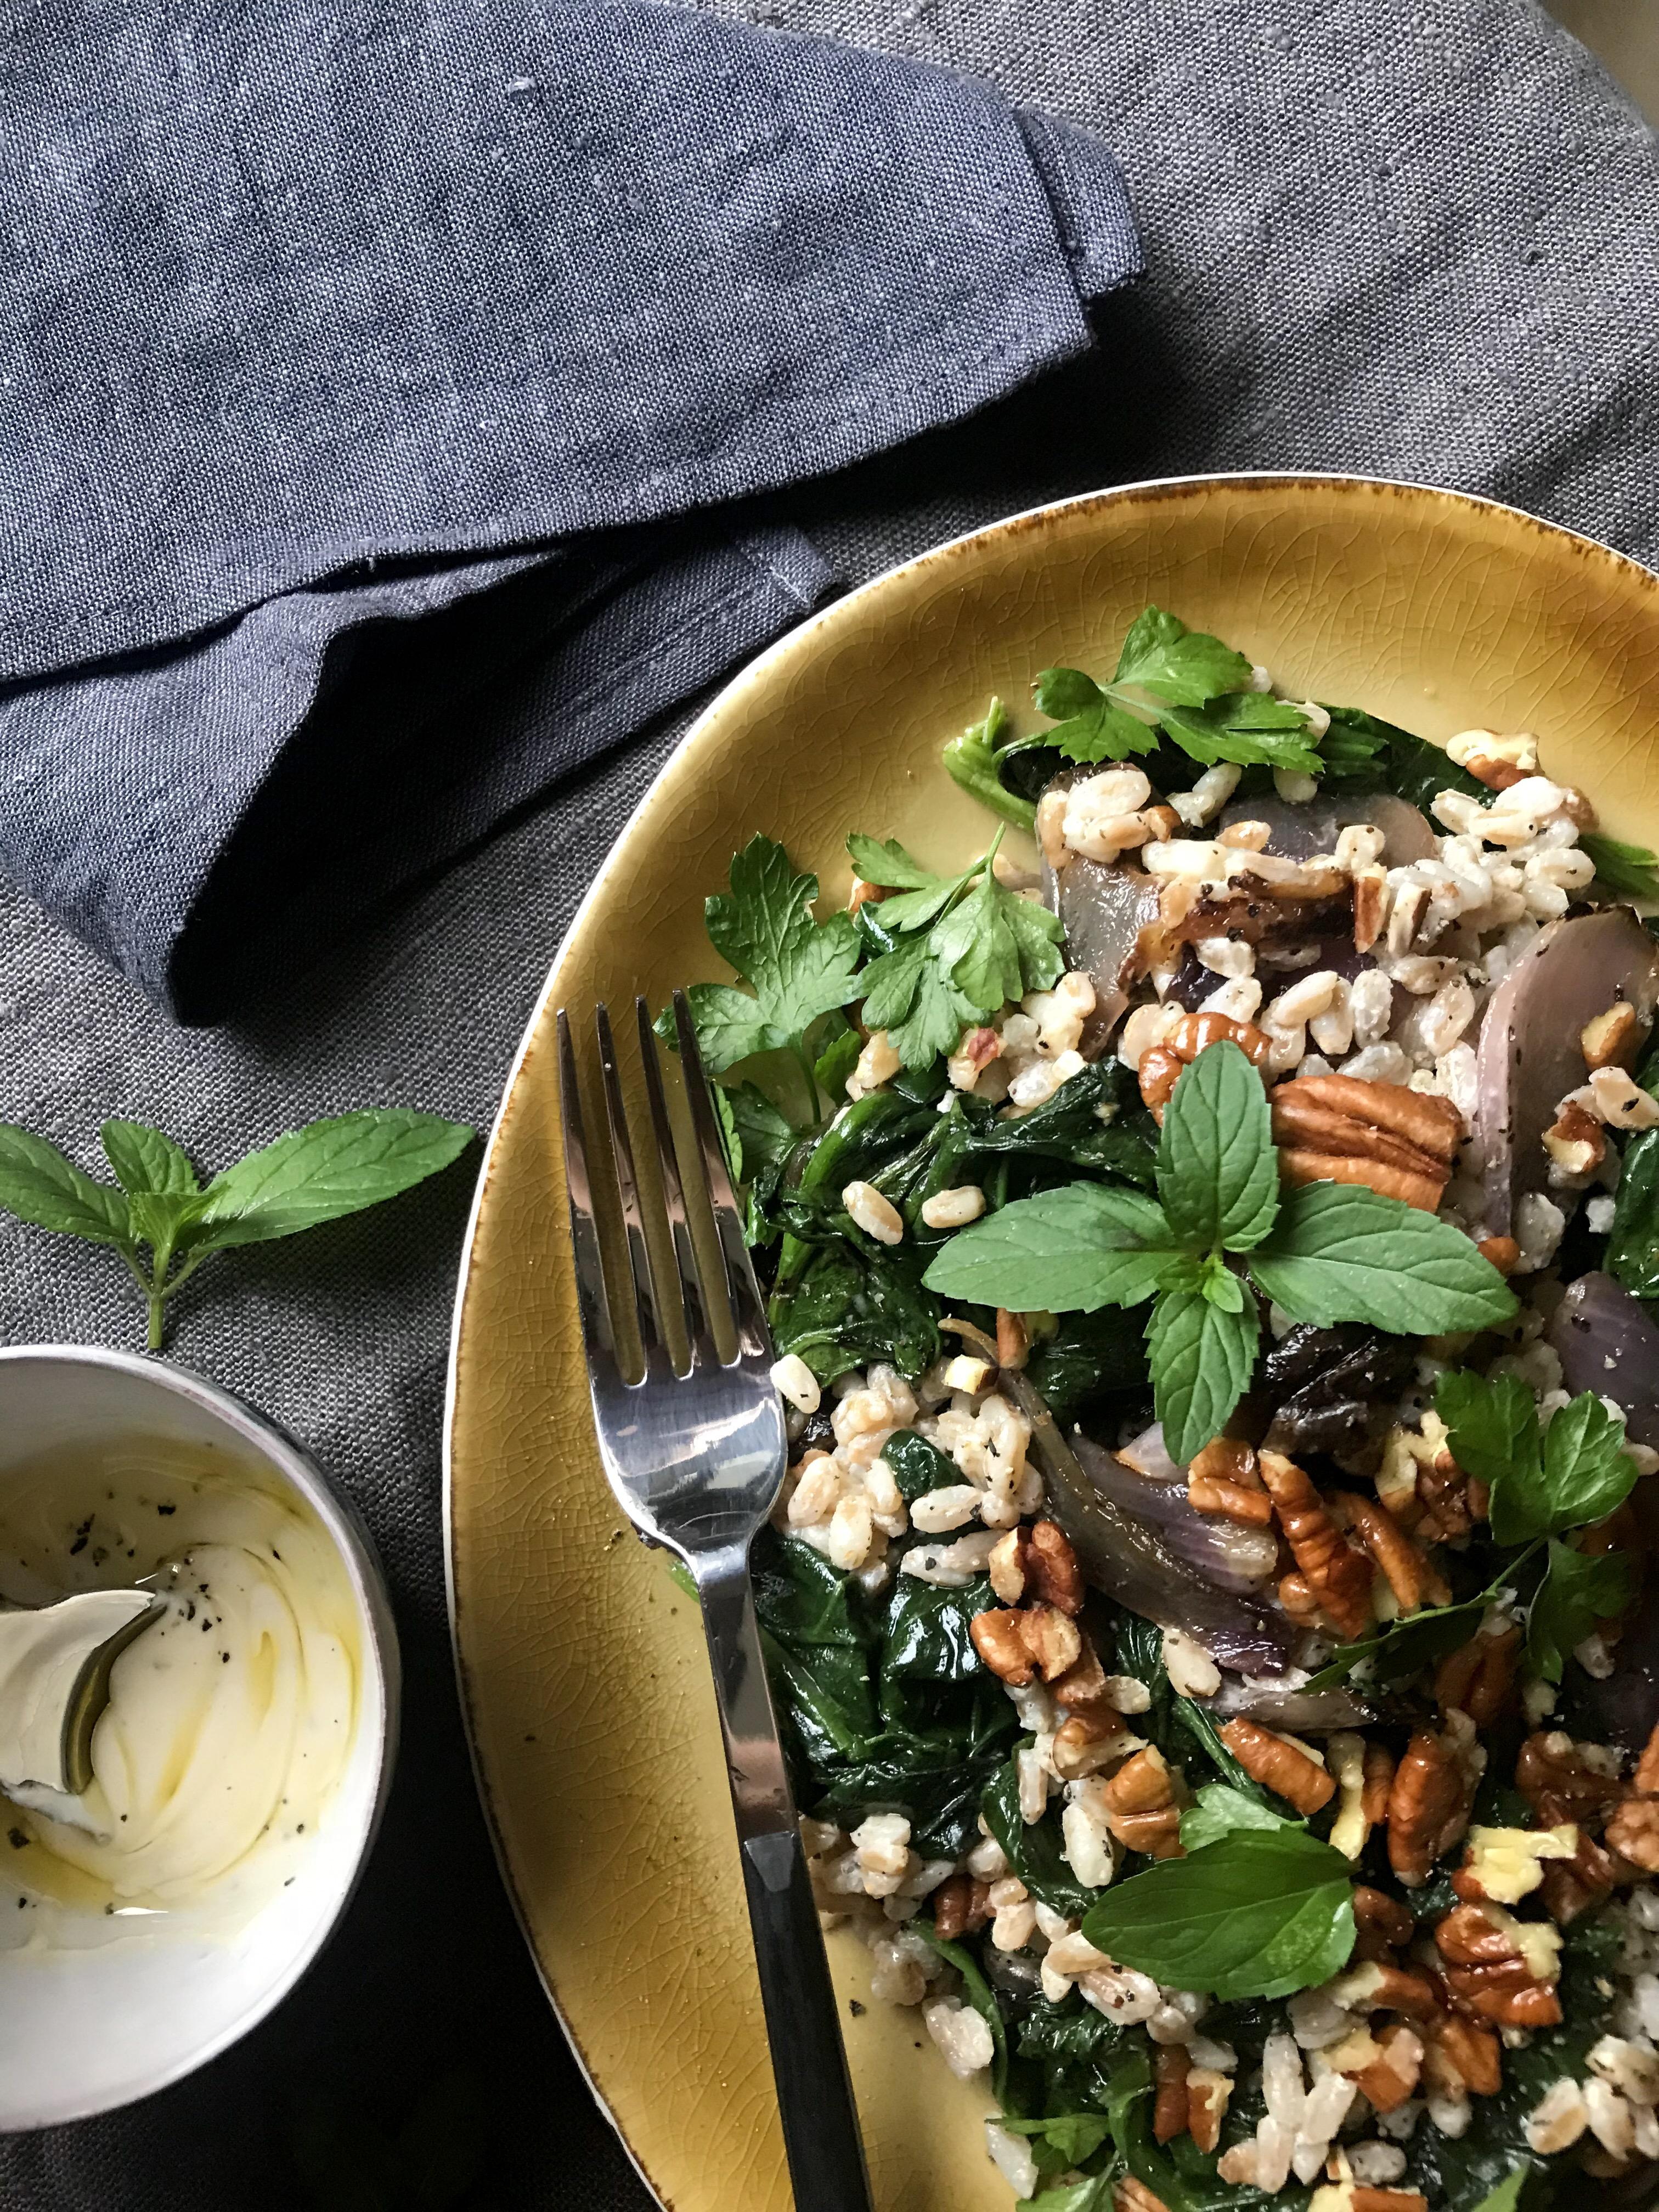 ensalada de cebada perlada con espinaca y cebolla asada